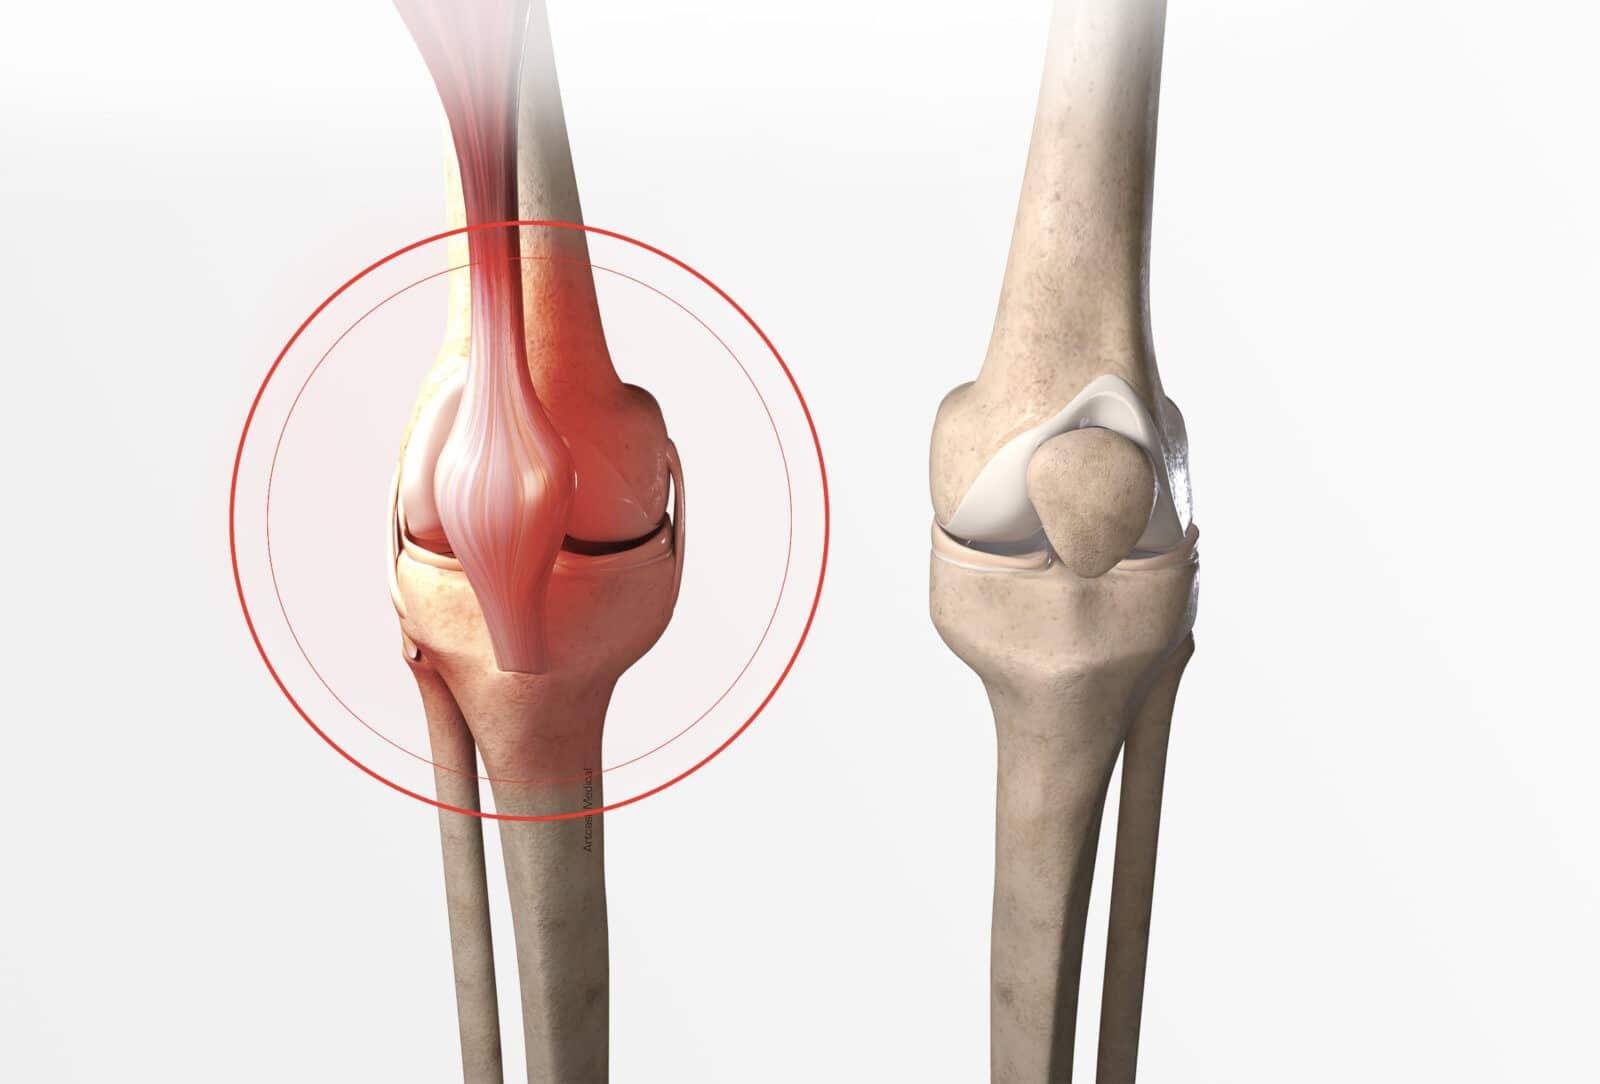 Entorse du genou: symptômes et traitement à Paris - Dr Paillard